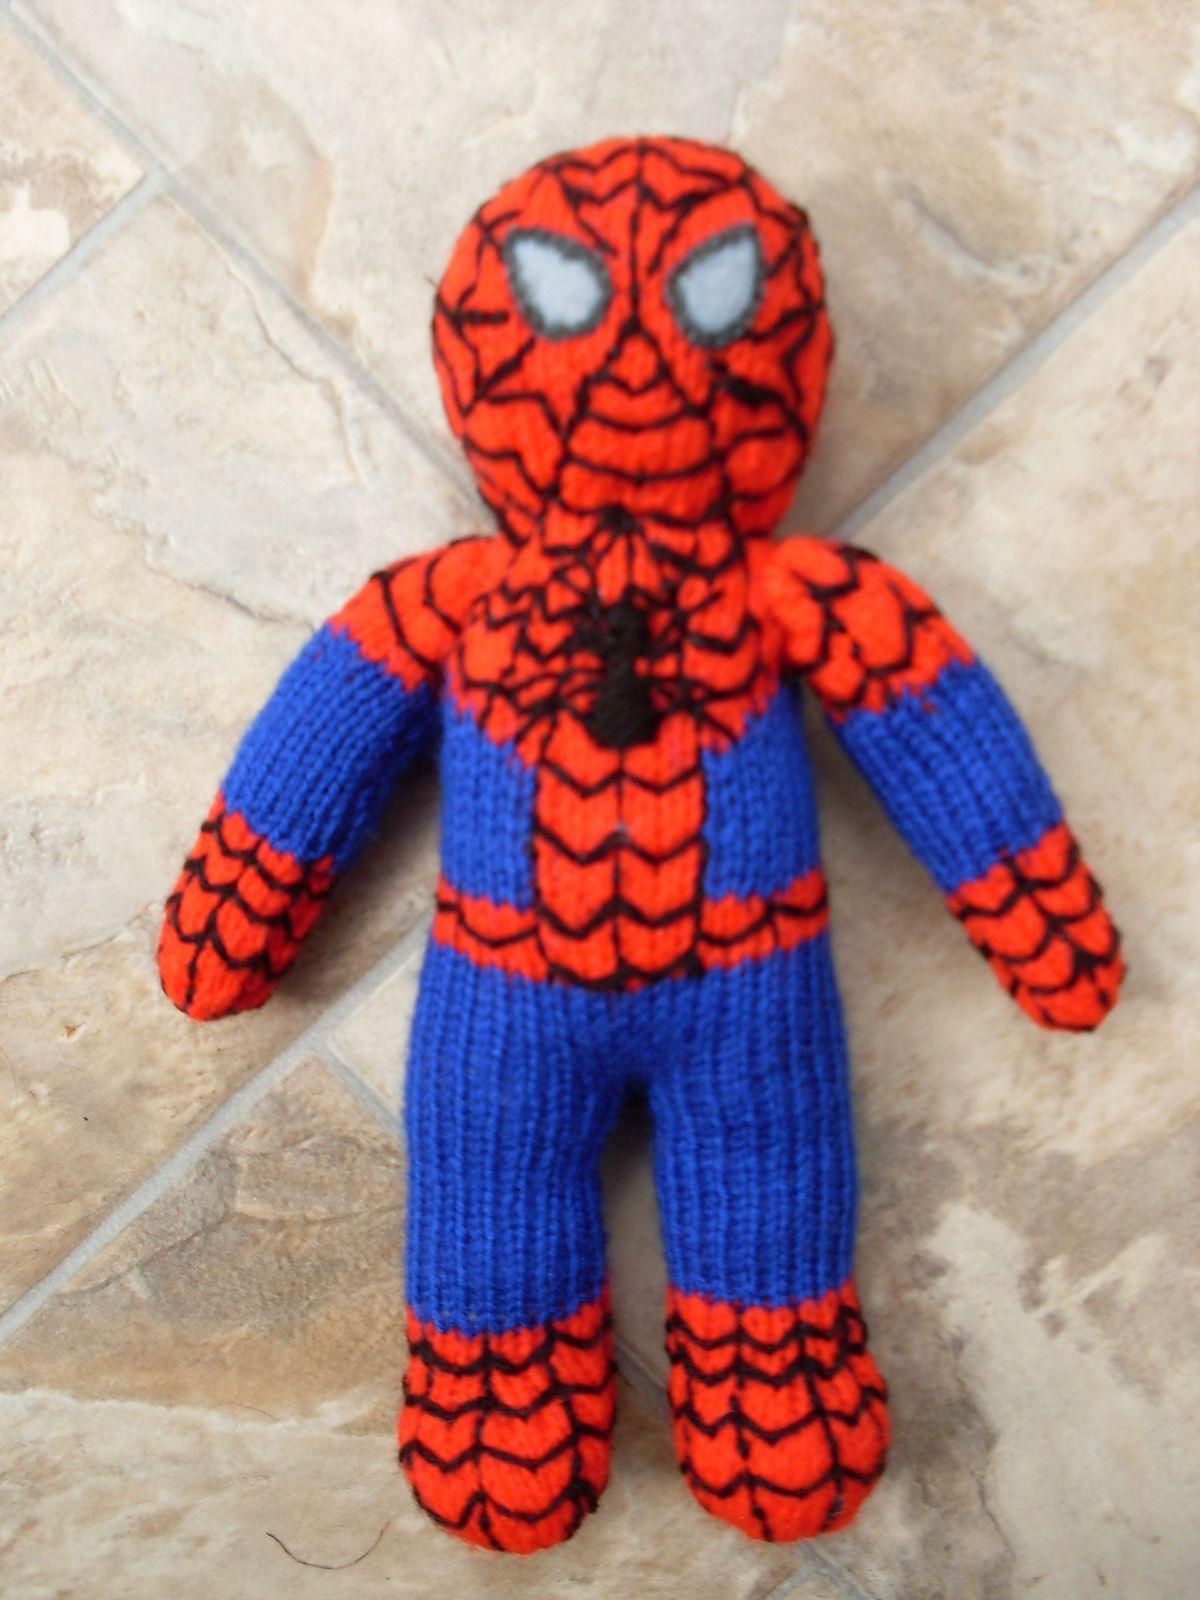 Three Superhero Toys to Knit in DK Yarn Fun Superheroes Toy Knitting Pattern Knitting Pattern Superheroes in DK Yarn